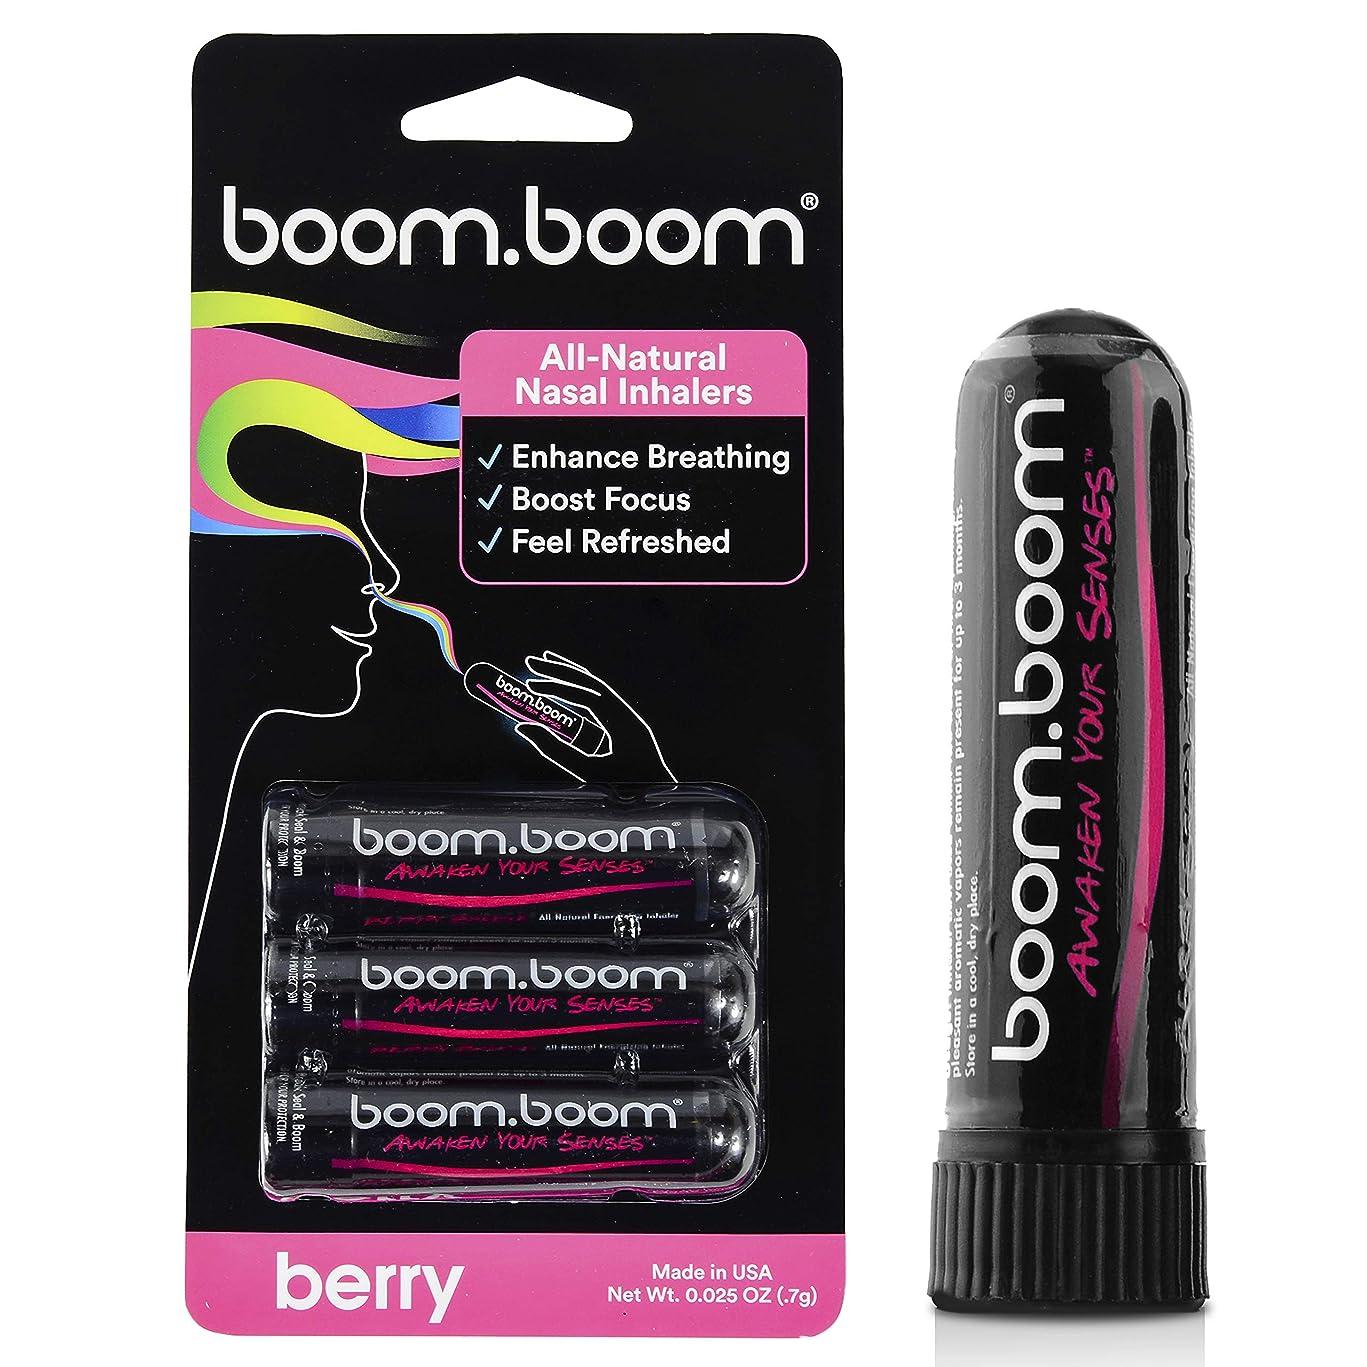 特異性収束テナントアロマテラピー鼻吸入器(3パック)by BoomBoom | すべての自然植物療法エッセンシャルオイル気化器| Stuffy Noseからのインスタントリリーフ| 素晴らしいフレーバーメントール、ペパーミント、ユーカリ(バラエティーパック) (ラズベリー+ブラックベリー+イチゴ)